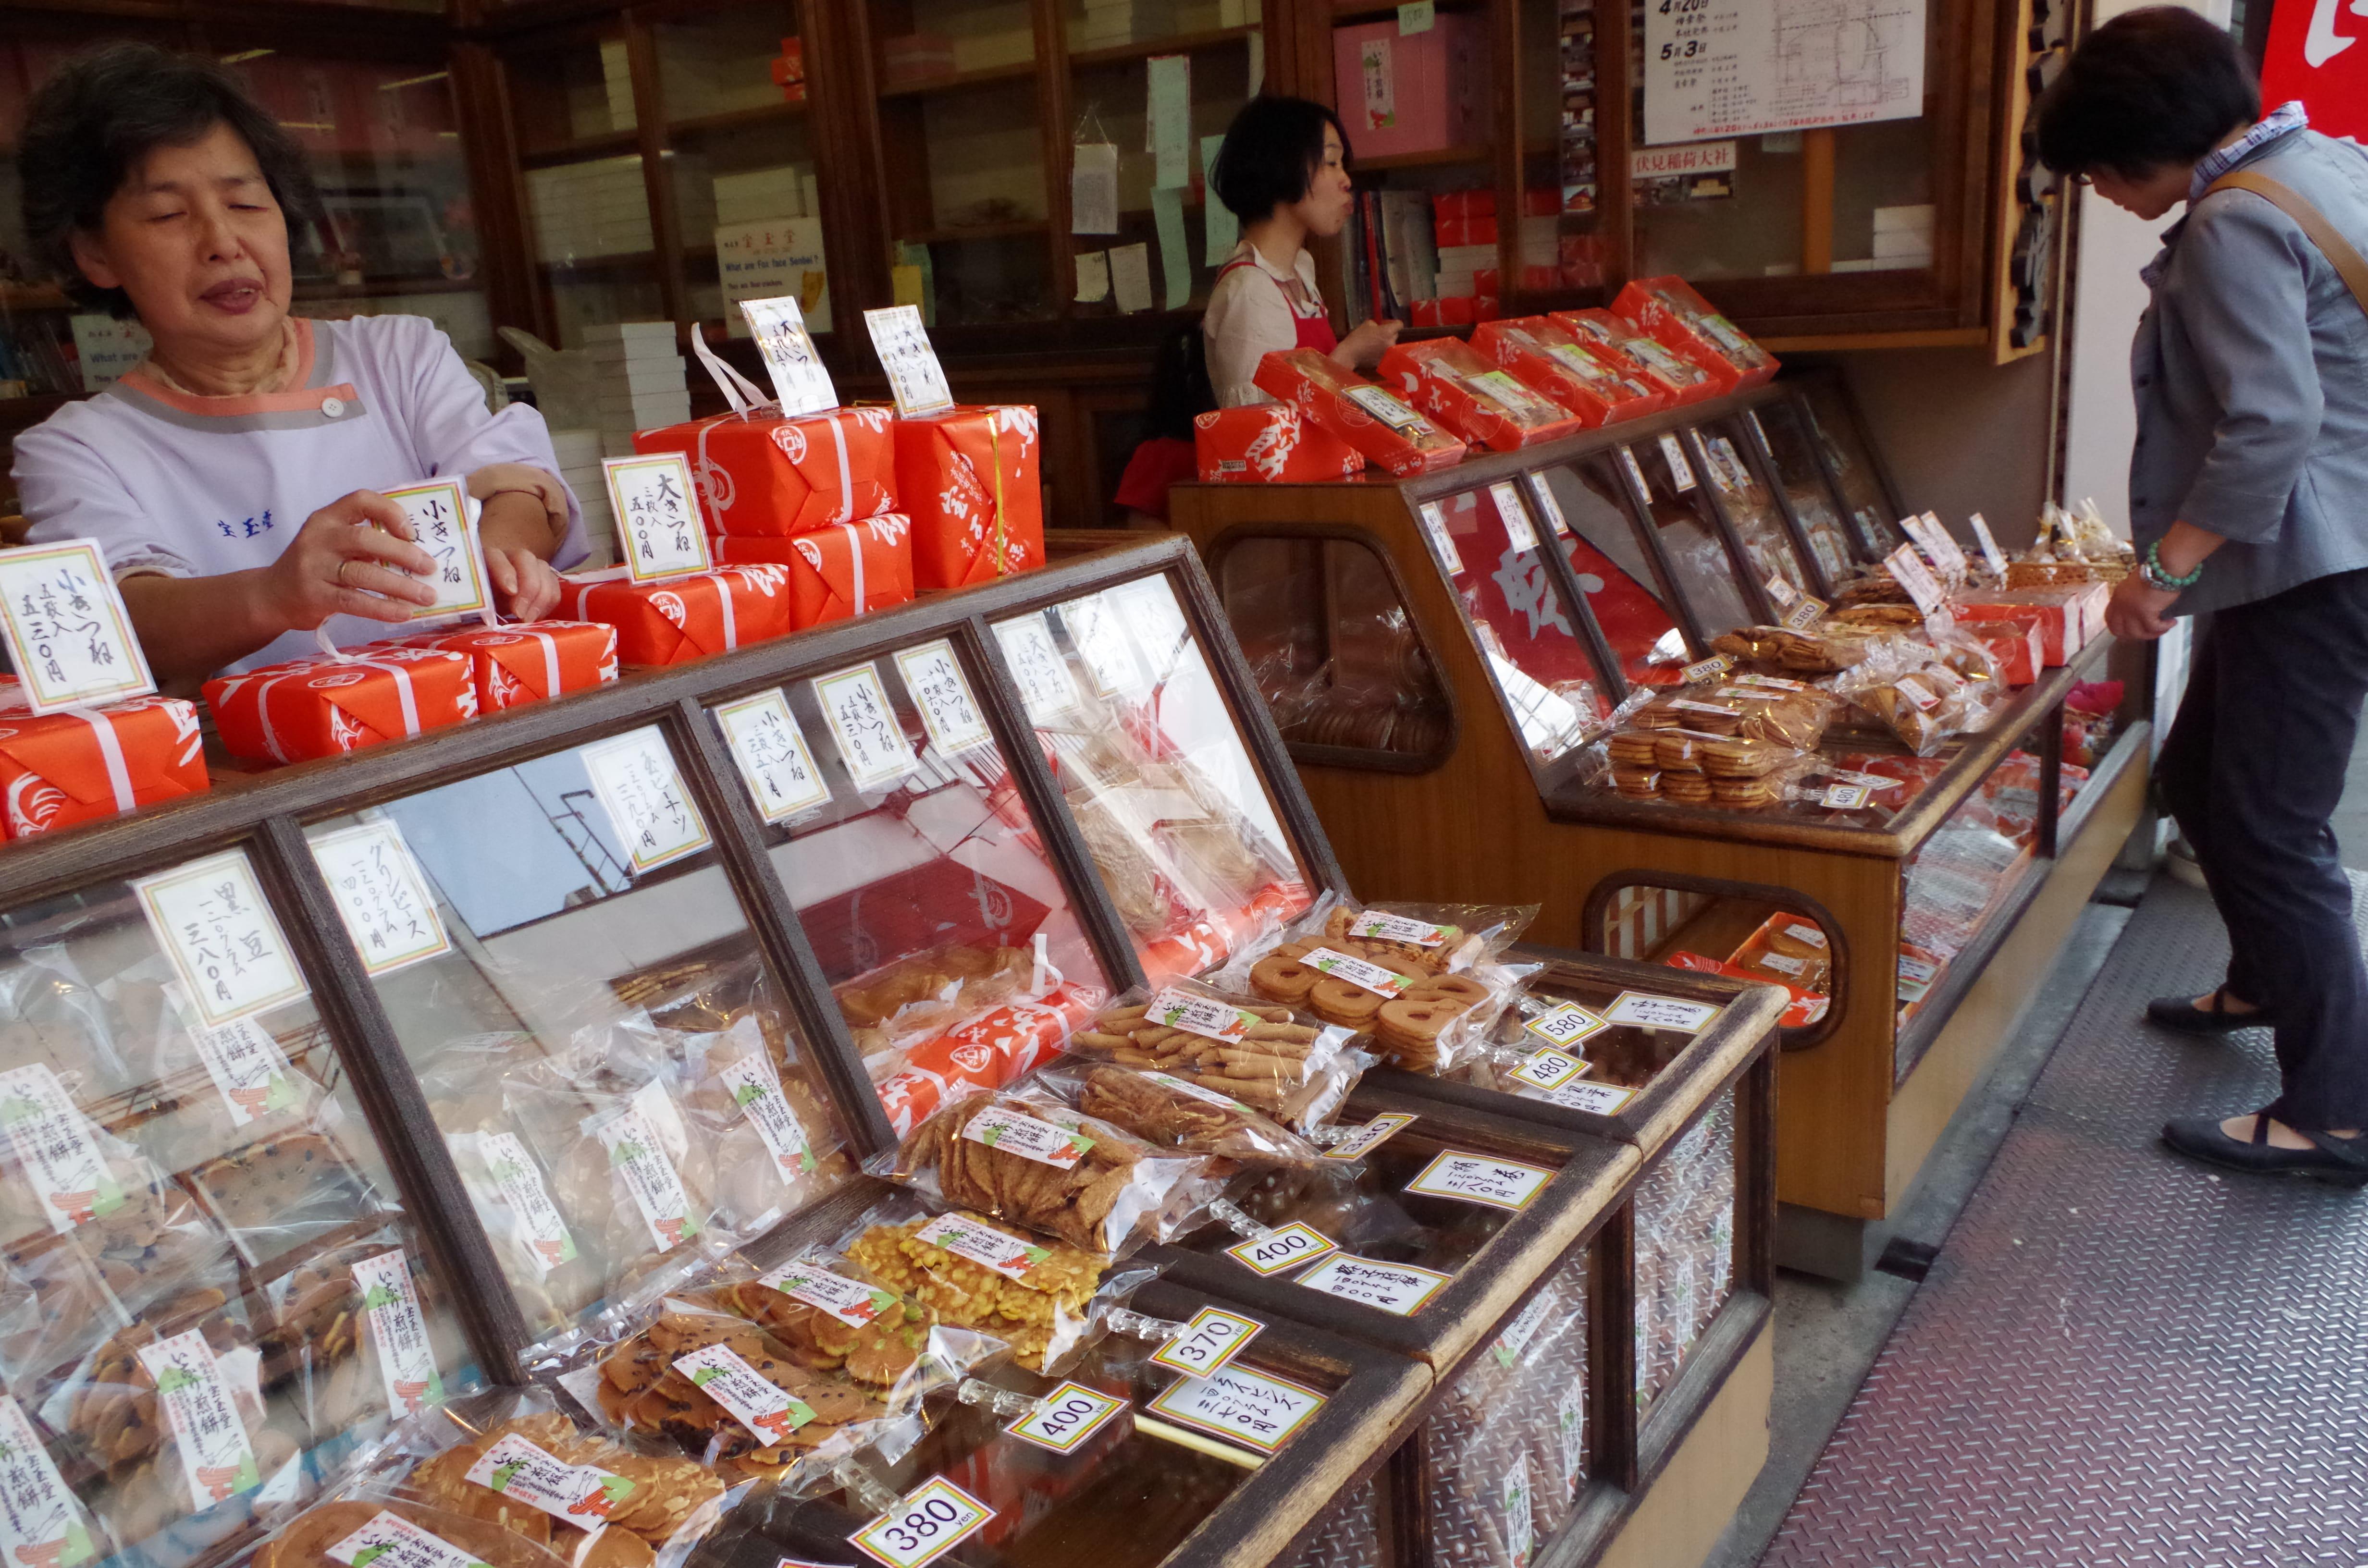 老舗「宝玉堂」でキツネのお煎餅を!京都伏見稲荷の参道グルメを楽しむ